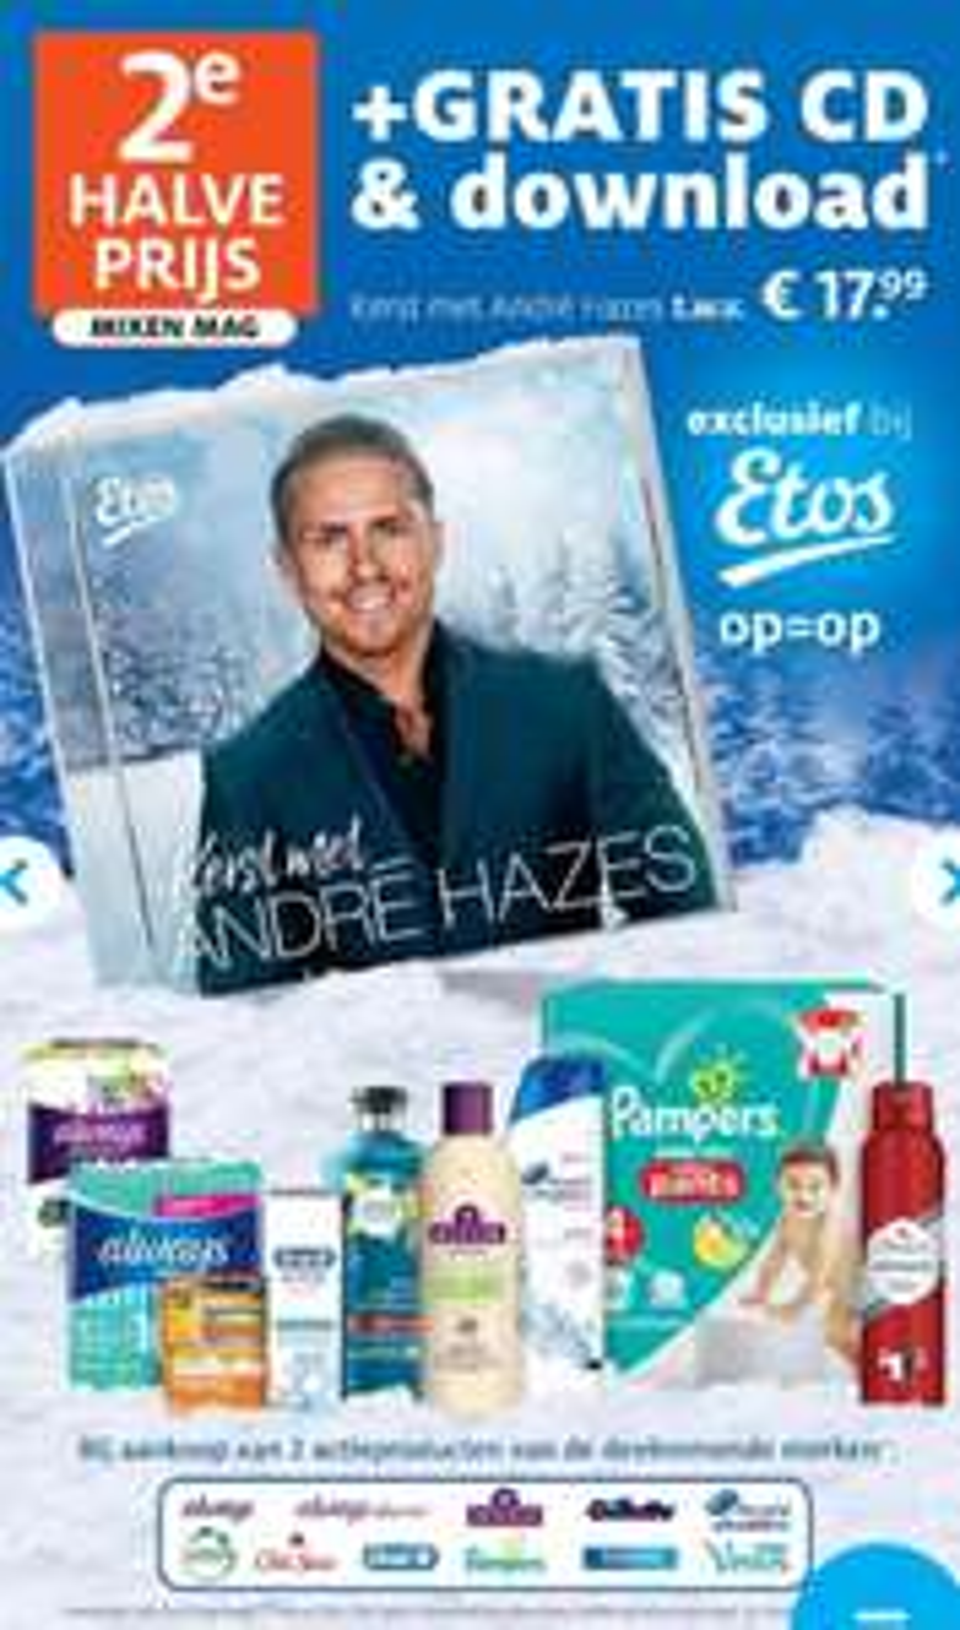 Gratis kerst CD & download van André Hazes Jr. t.w.v. €17,99 bij aankoop van 2 actieproducten exclusief bij Etos